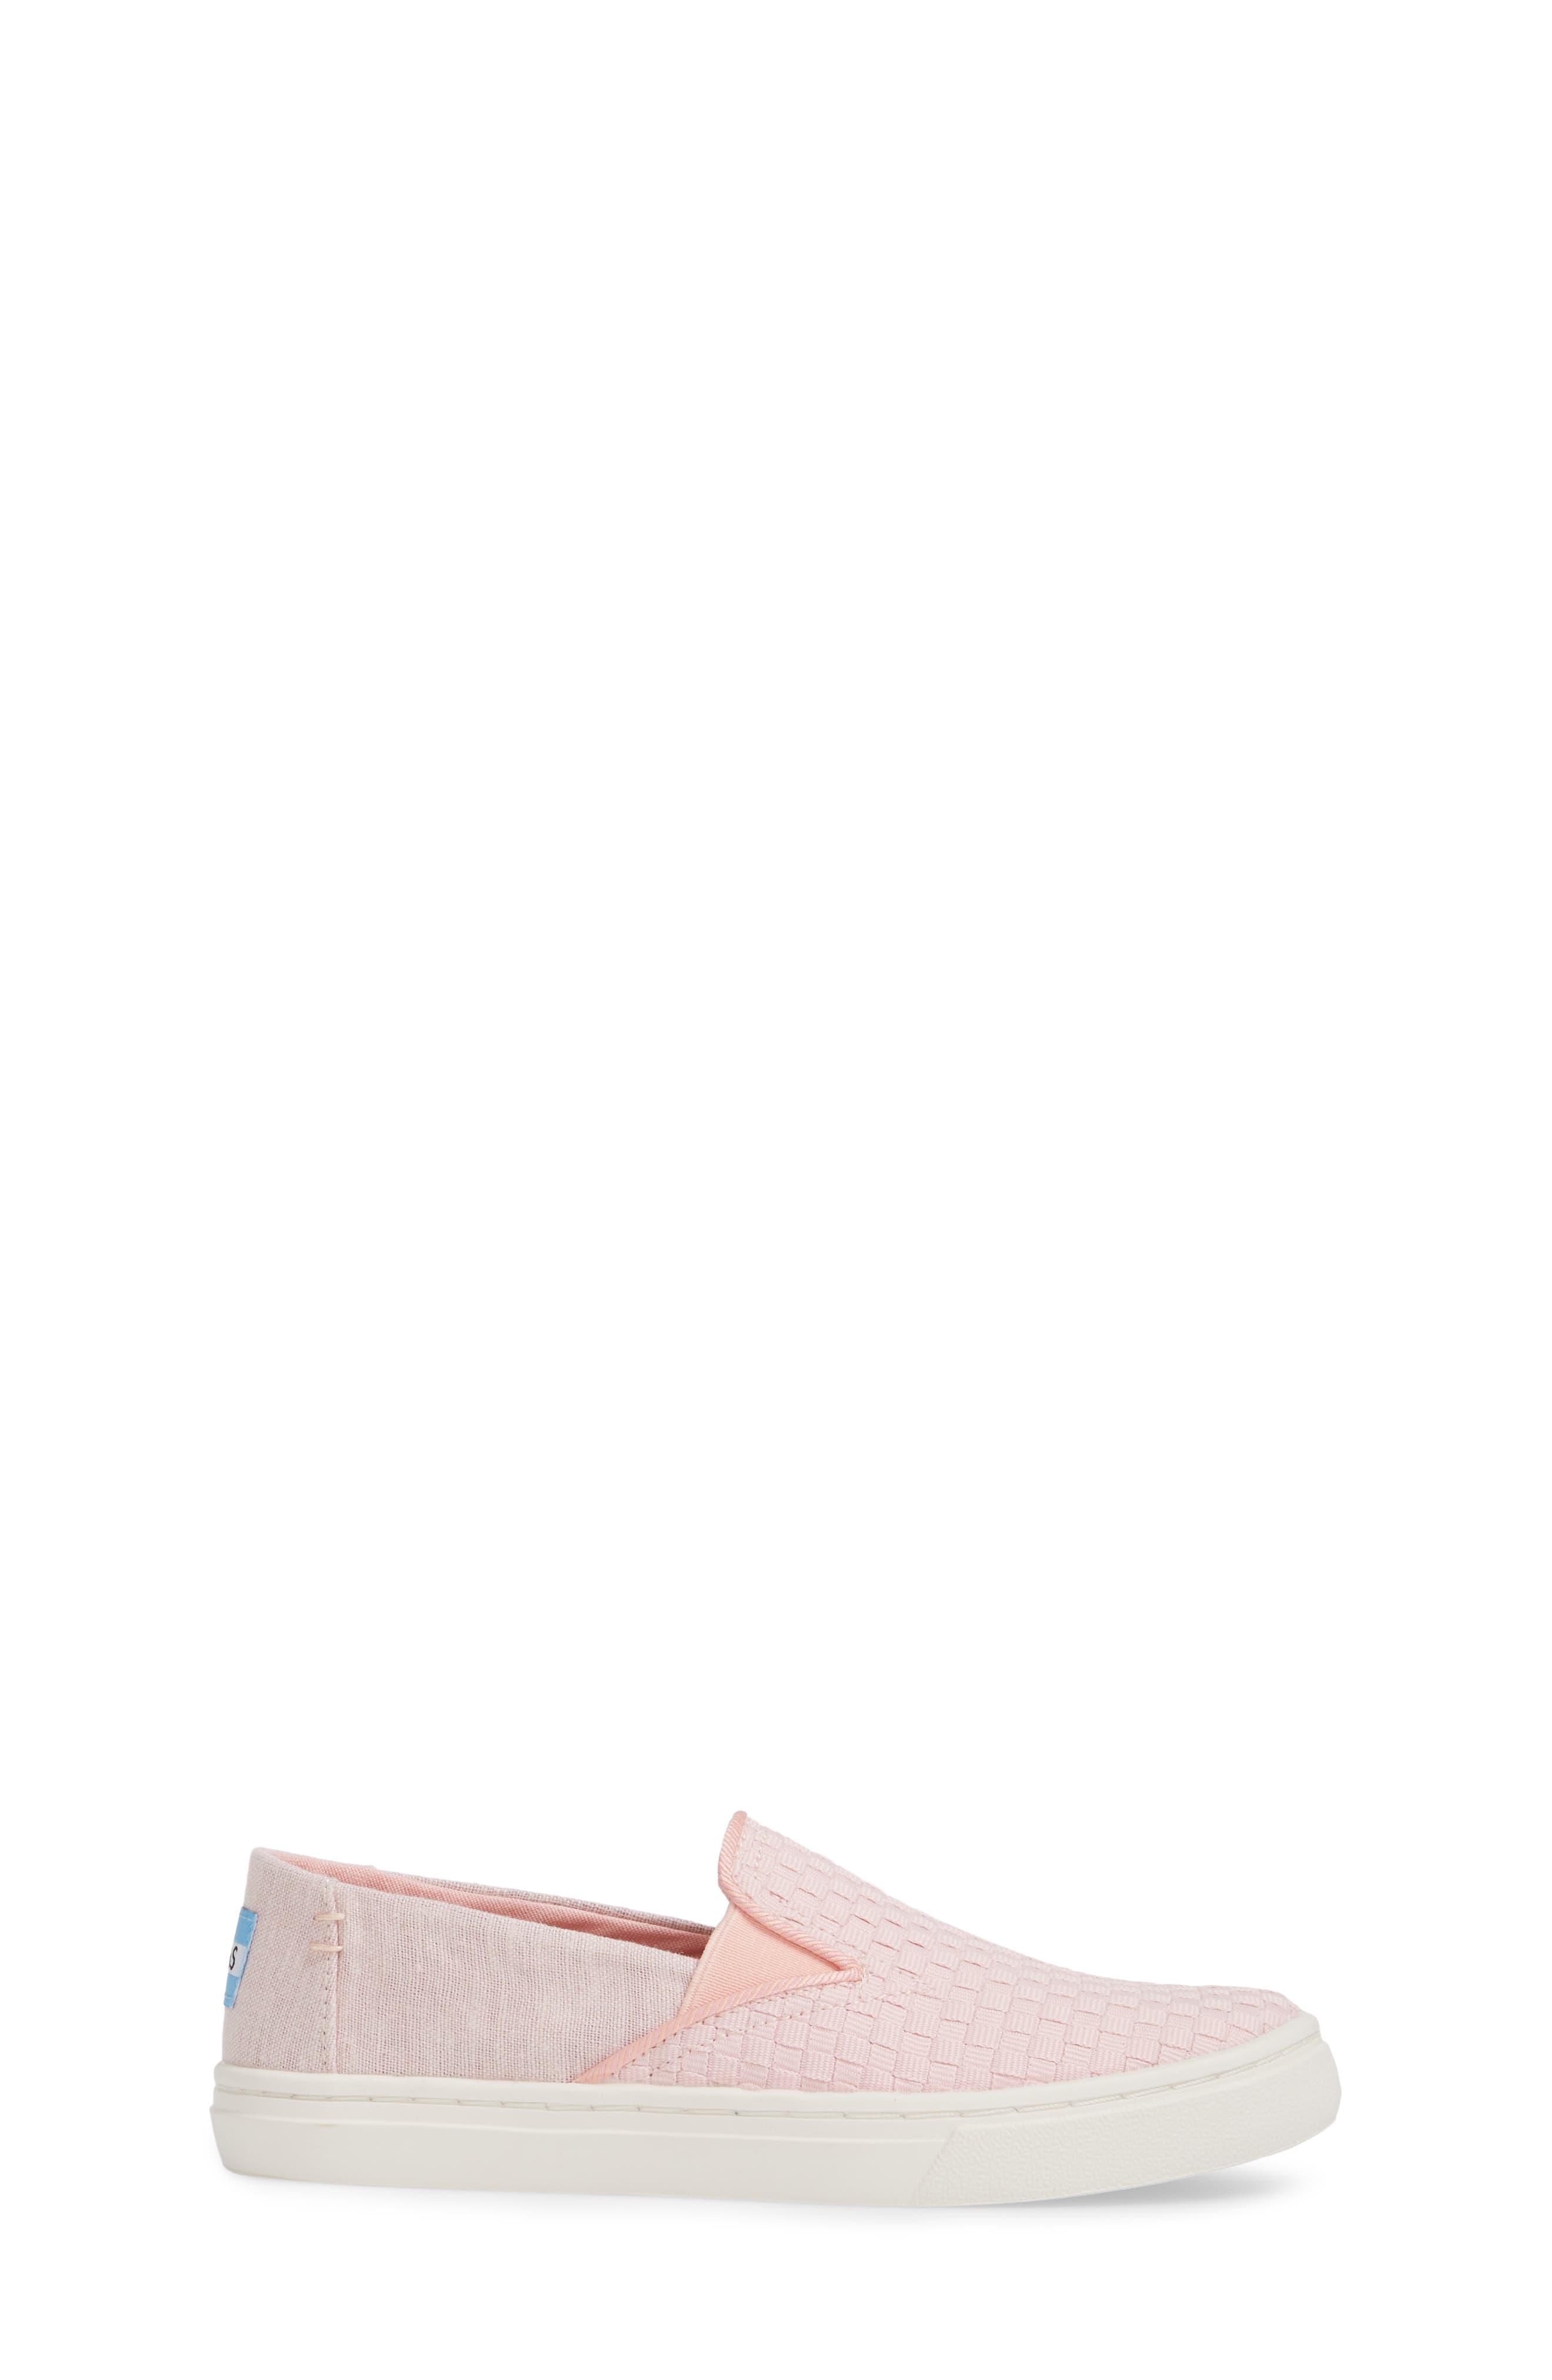 Luca Slip-On Sneaker,                             Alternate thumbnail 26, color,